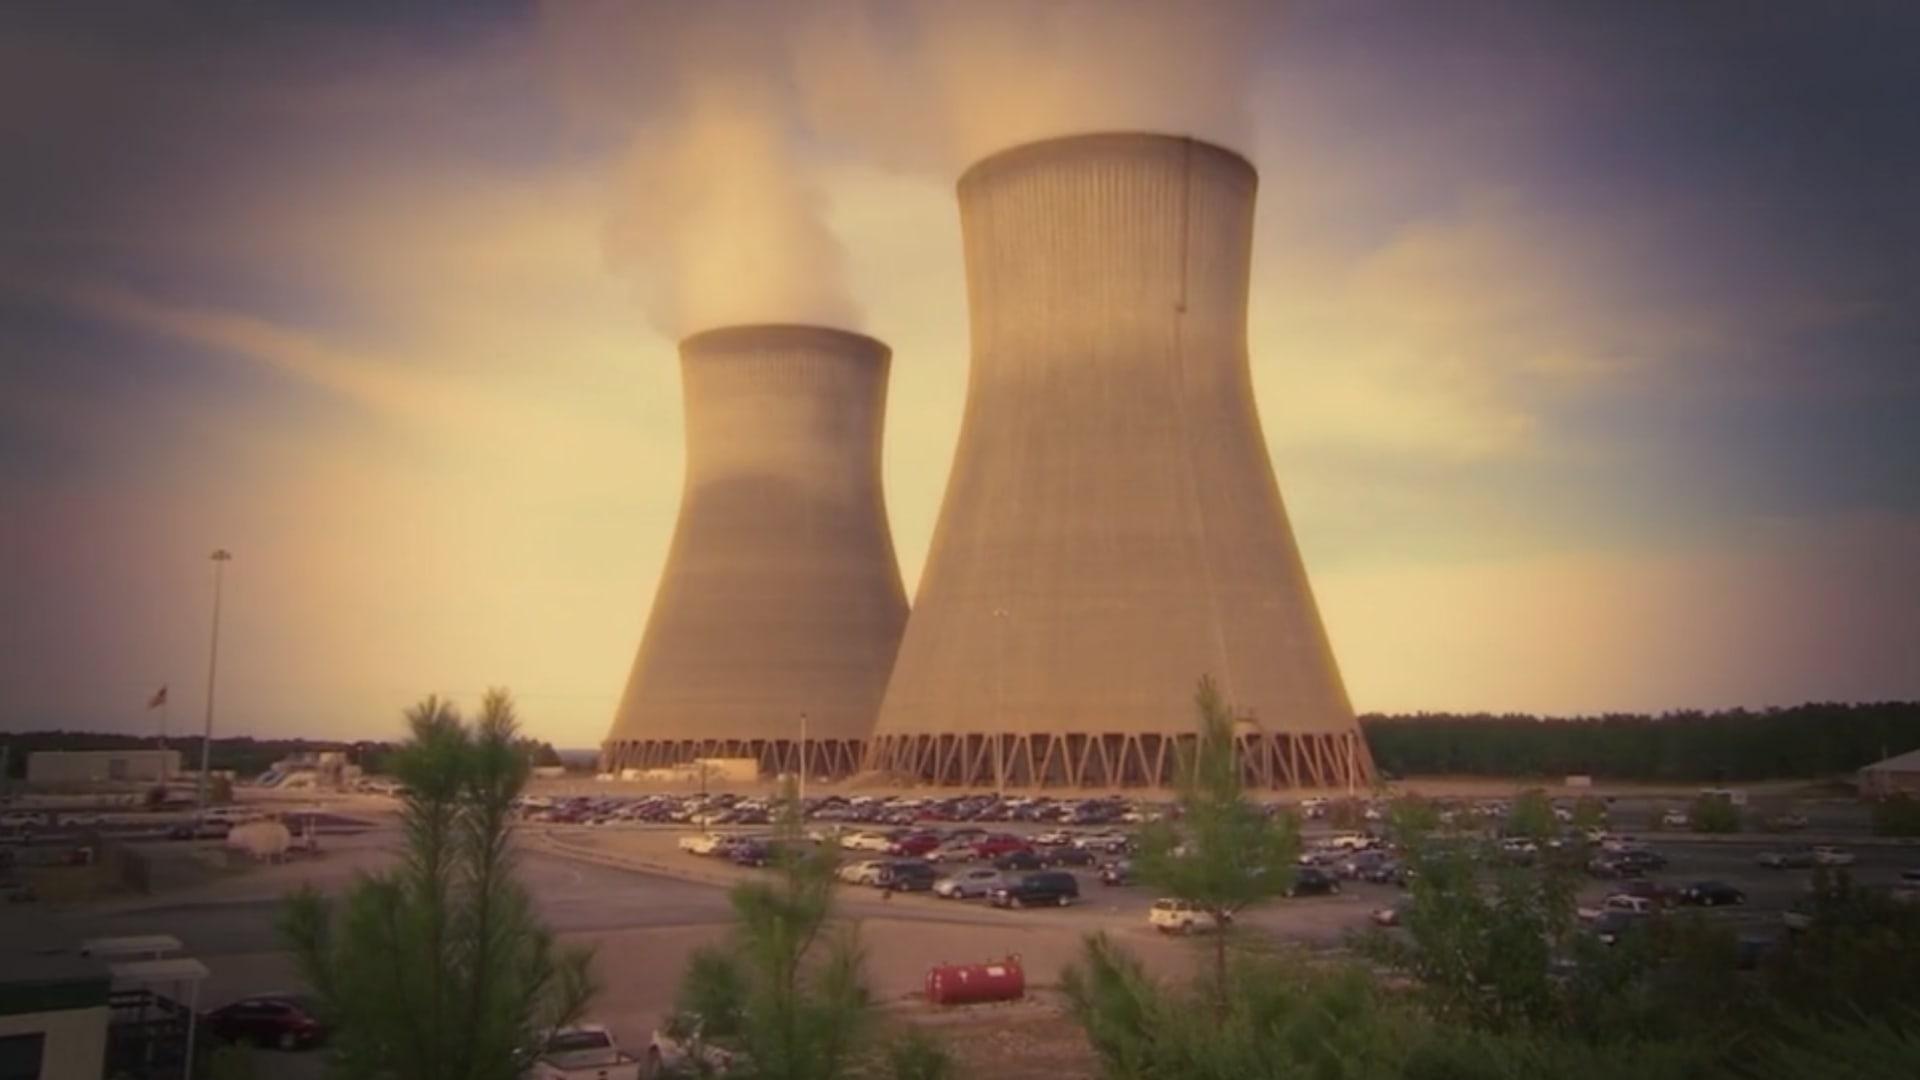 هل تستخدم السعودية معلومات الطاقة الأمريكية لامتلاك سلاح نووي؟